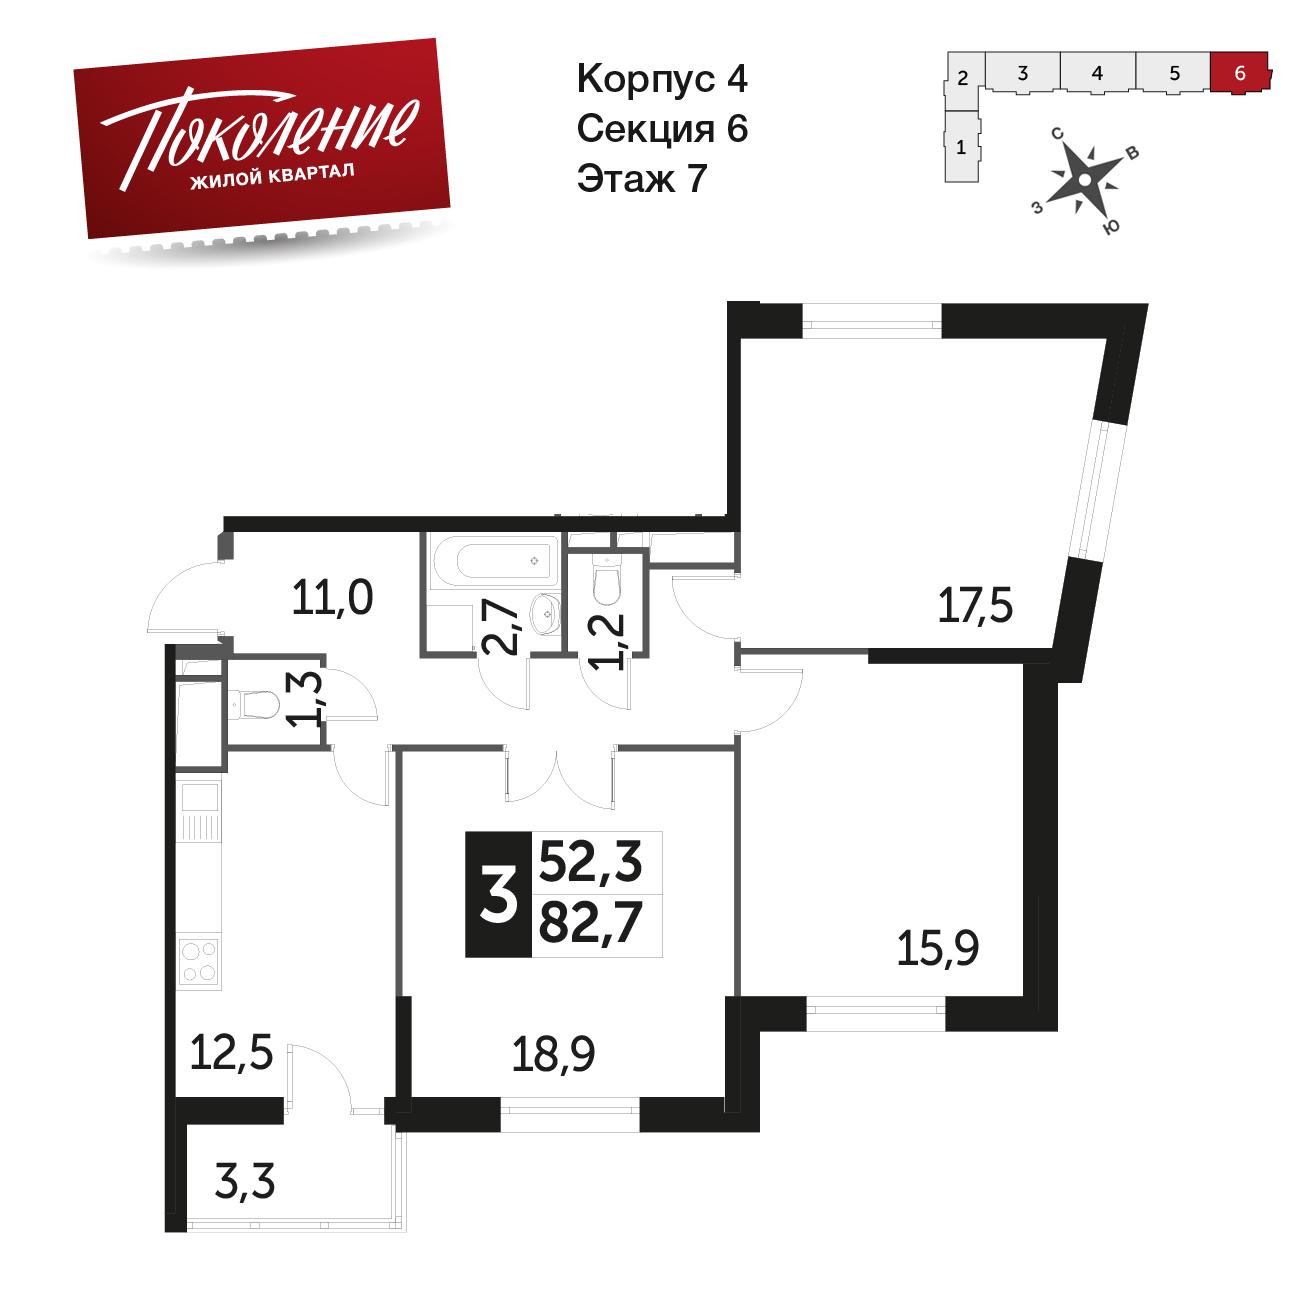 3-комнатная квартира, 82.7м² за 14,3 млн руб.